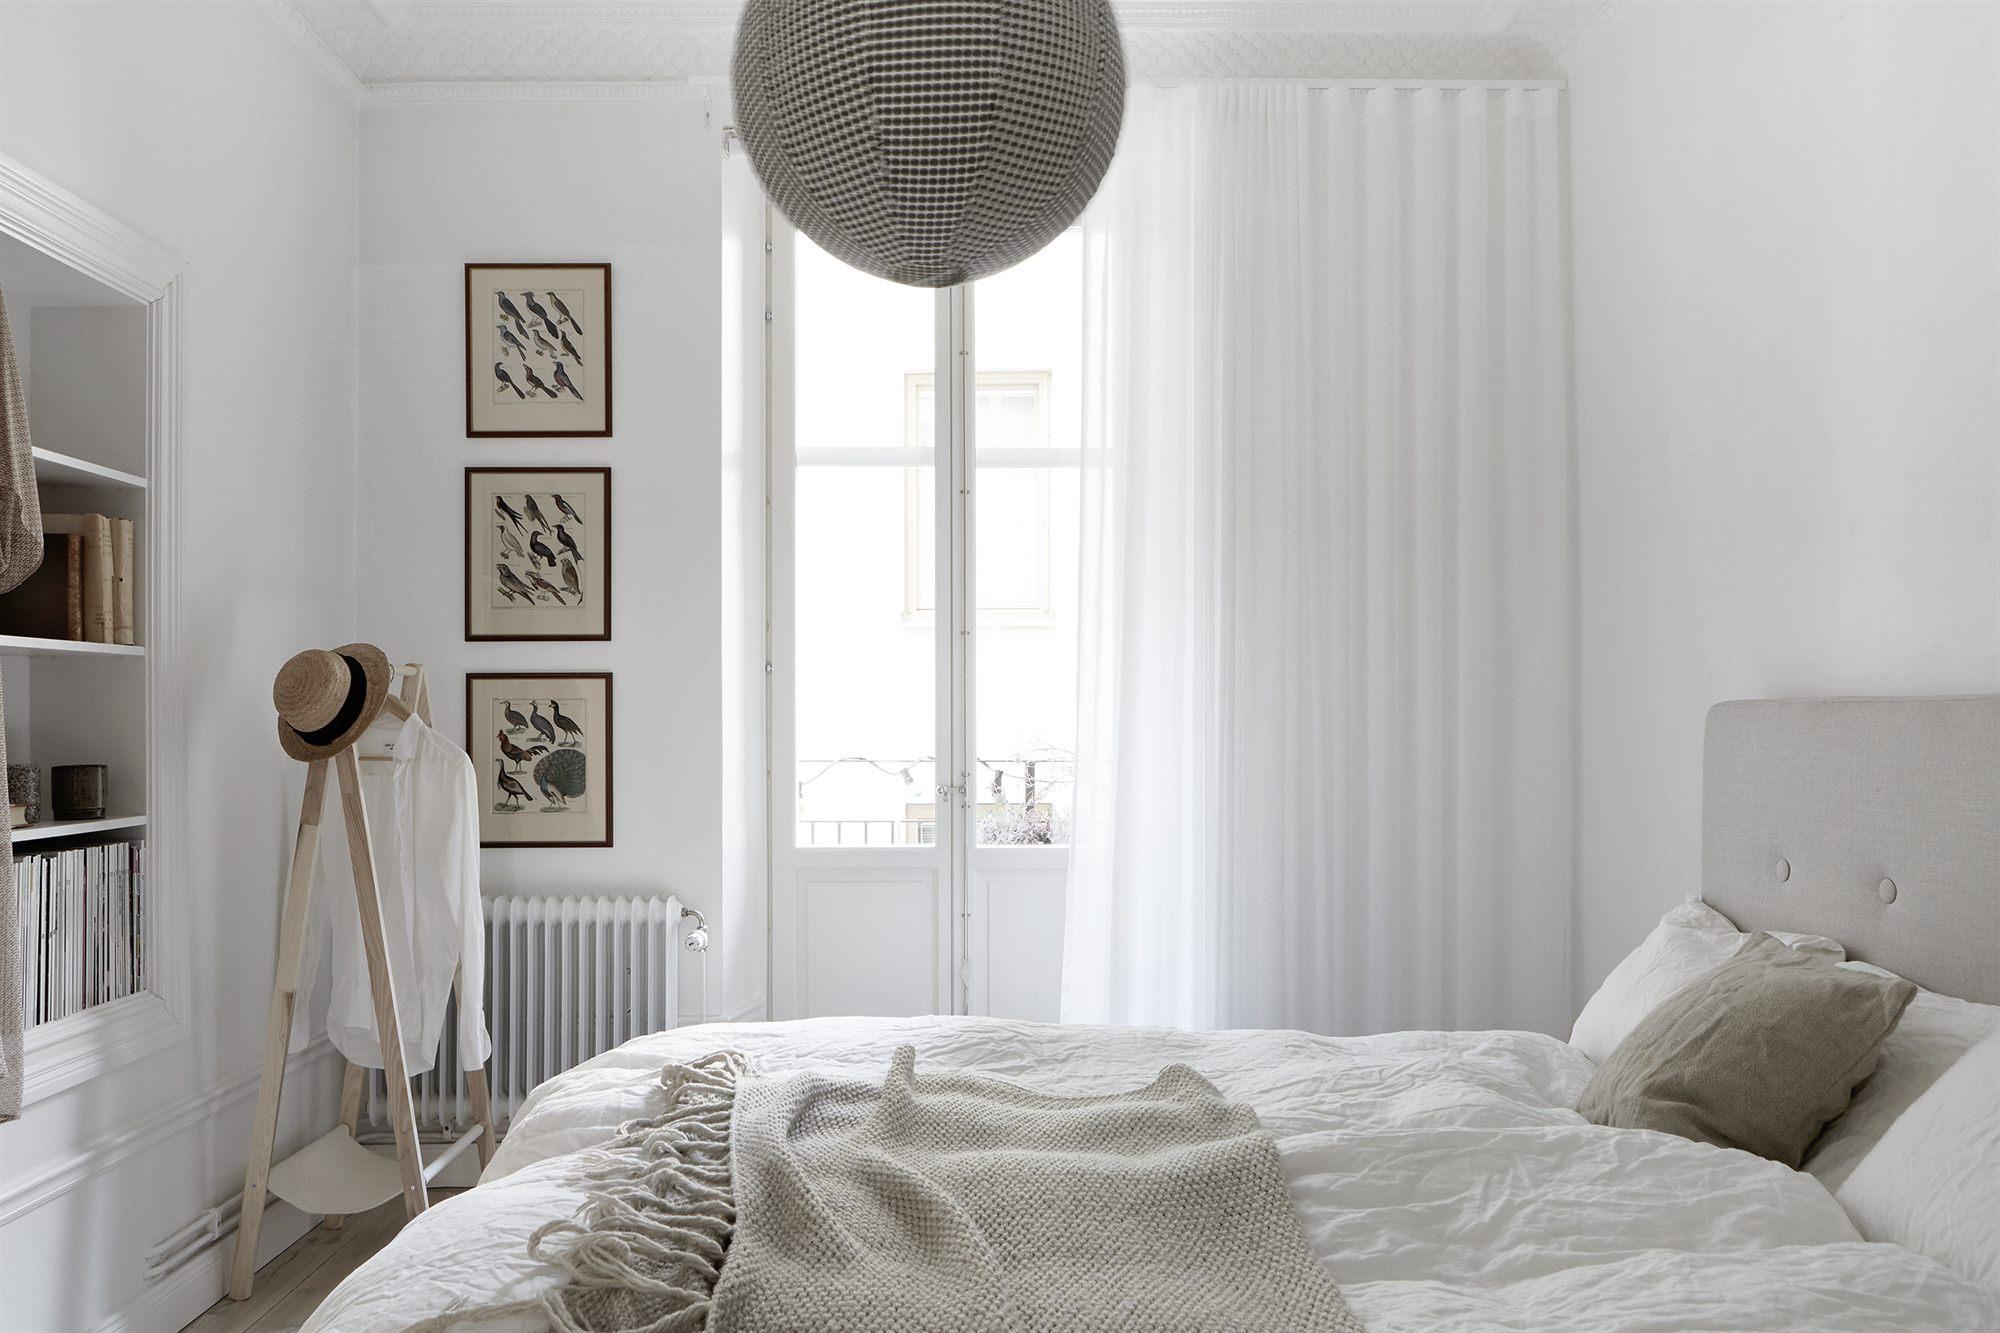 Witte slaapkamer die zéker niet saai is | Slaapkamer ideeën